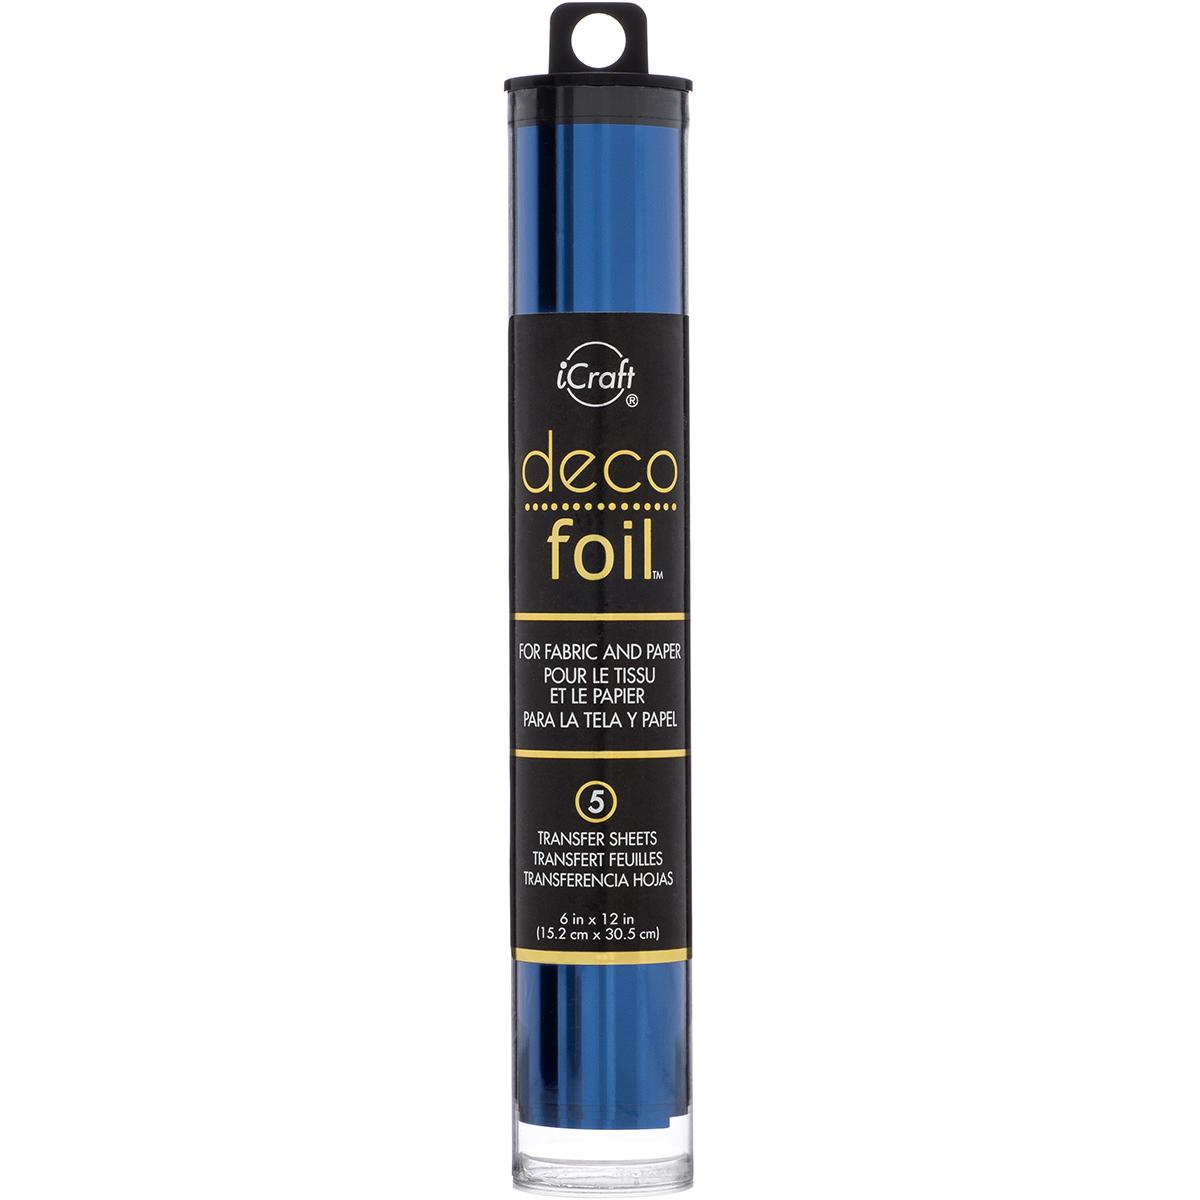 Deco Foil Transfer Sheets 6X12 5/Pkg-Deep Blue